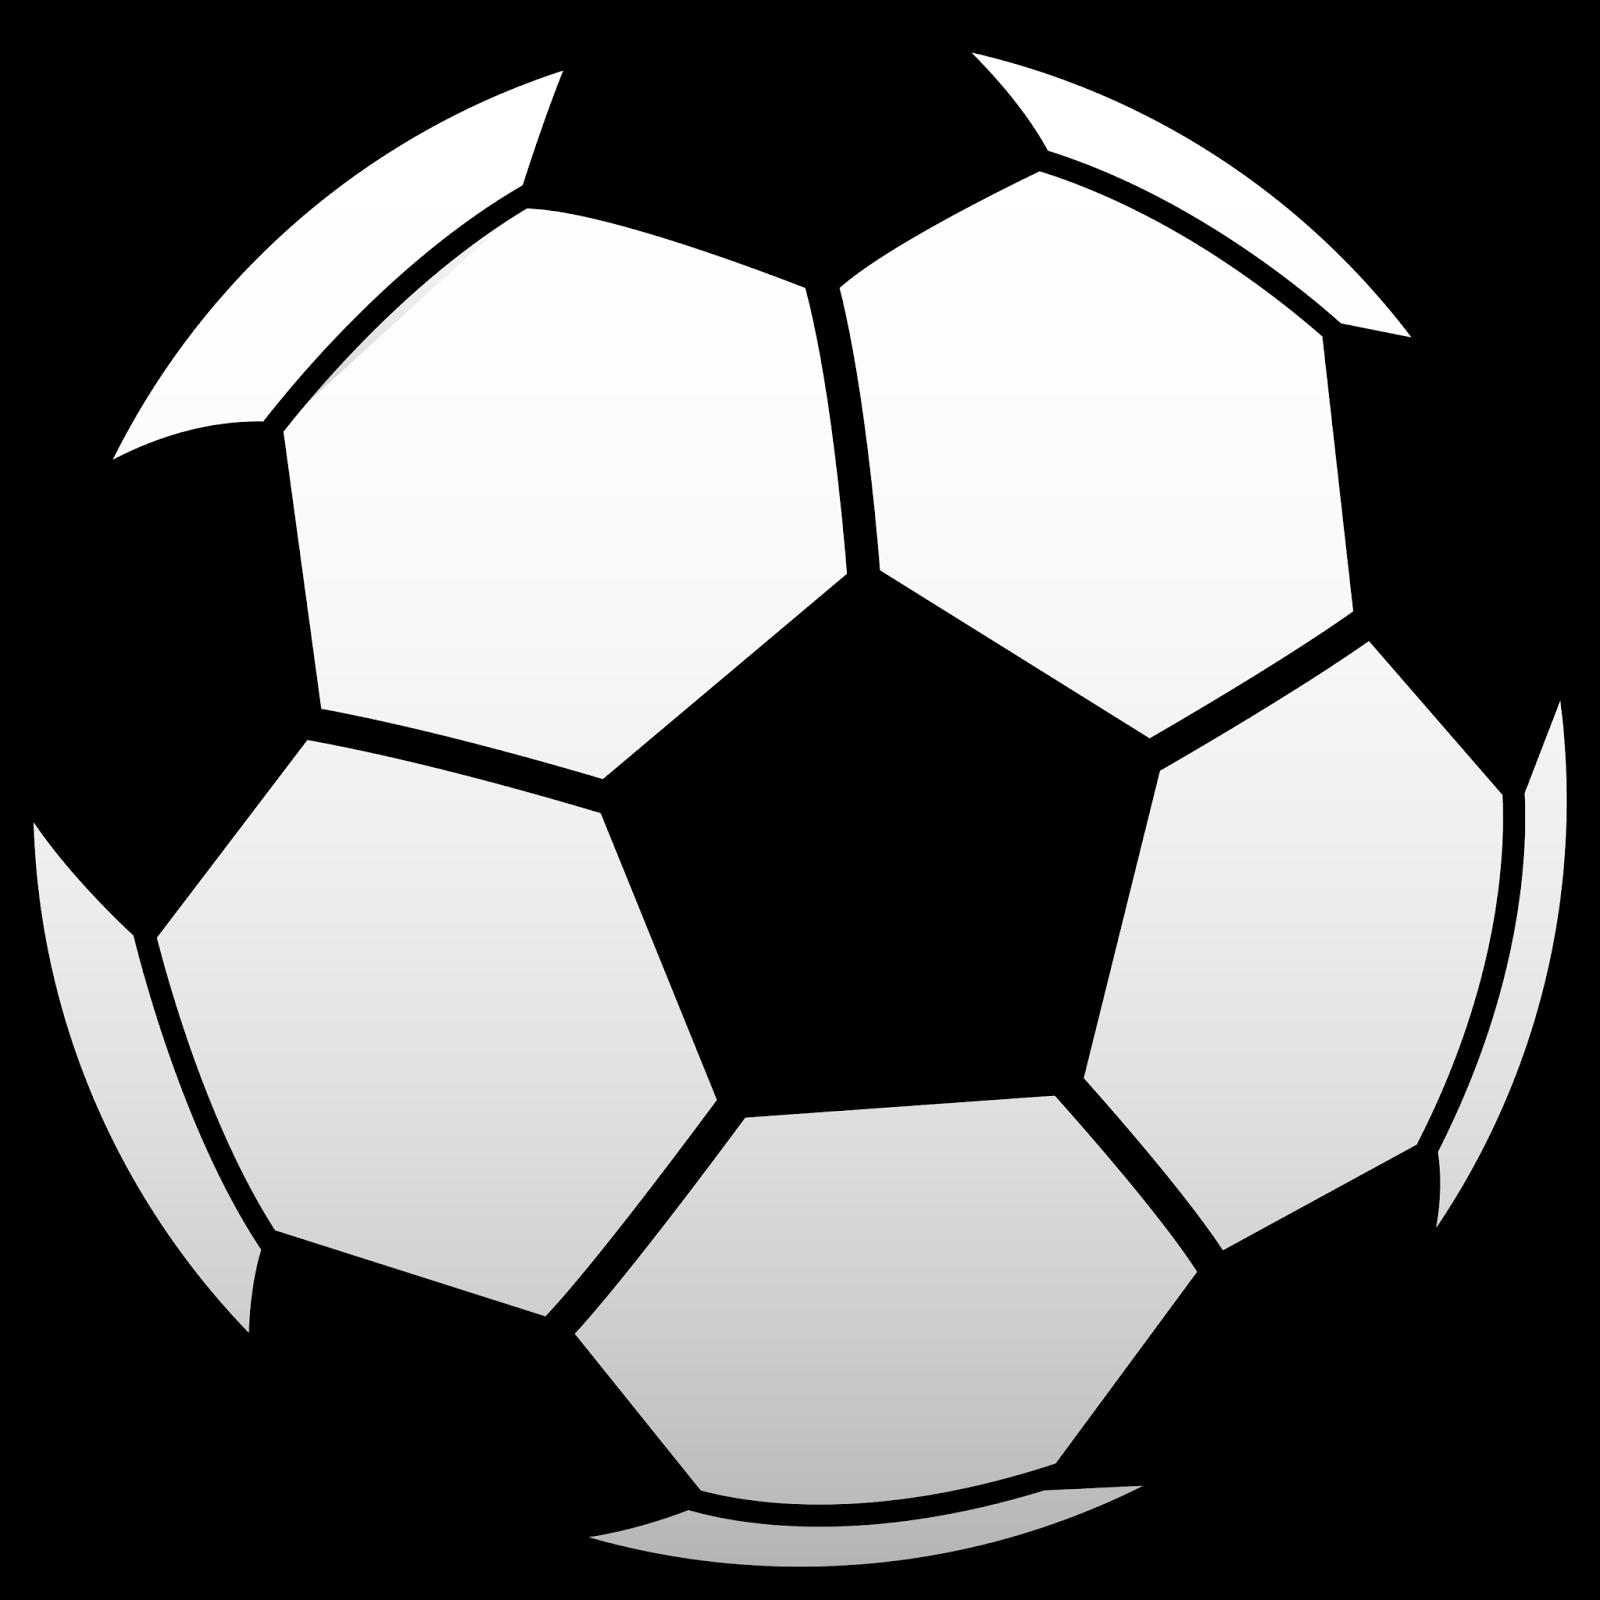 Cartoon Soccer Ball Clip Art